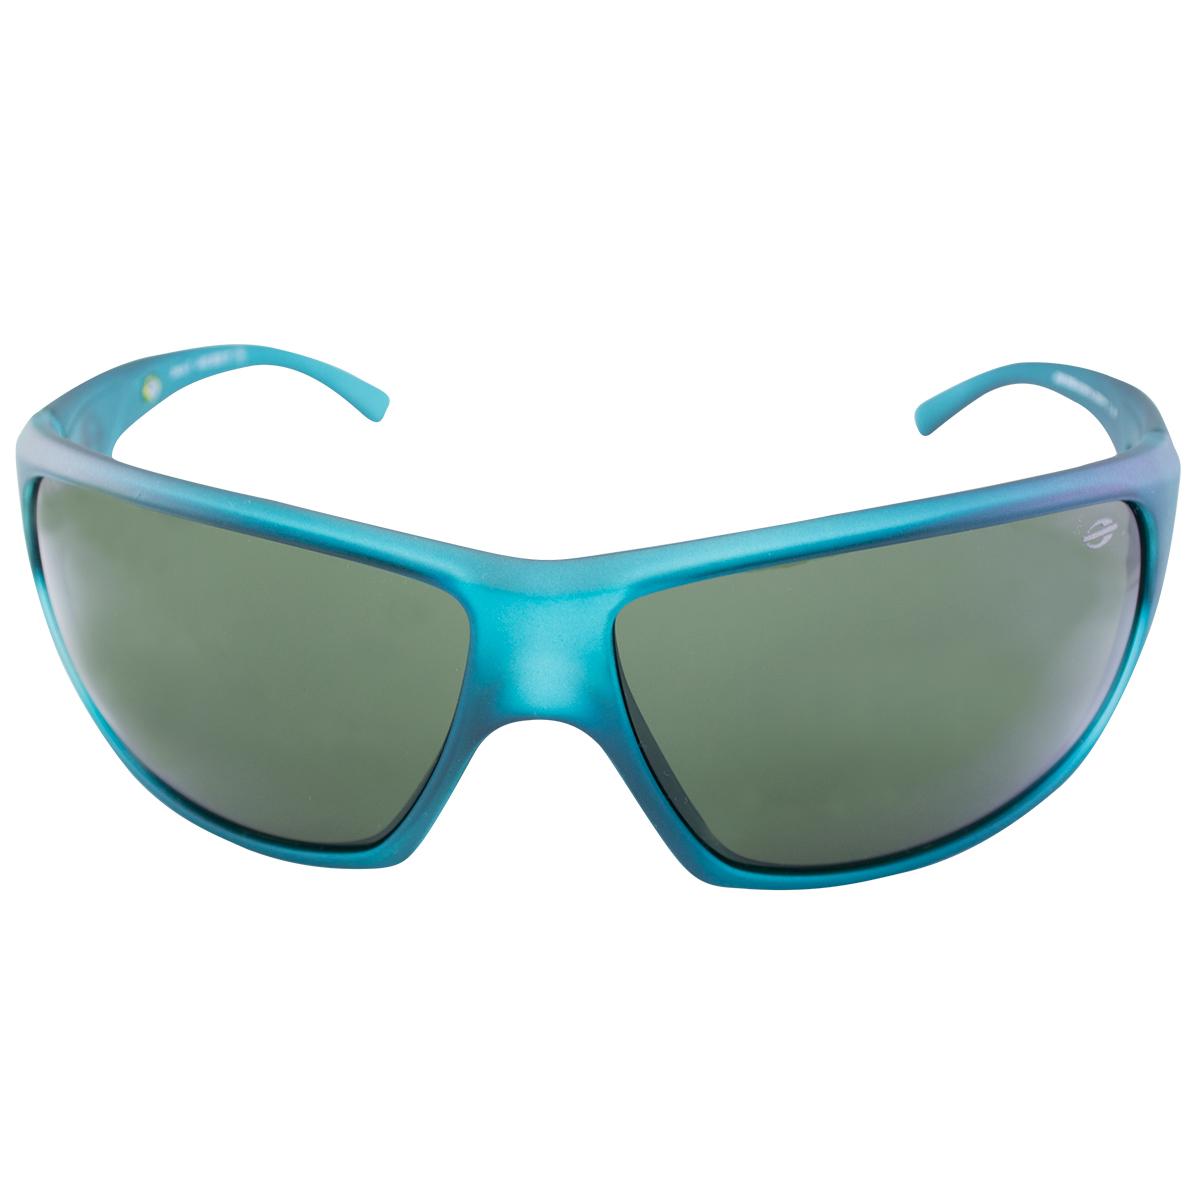 Óculos Mormaii Joaca 2 Petróleo Fosco Lente Cinza G15 ref 44585971 1ba0321e9d